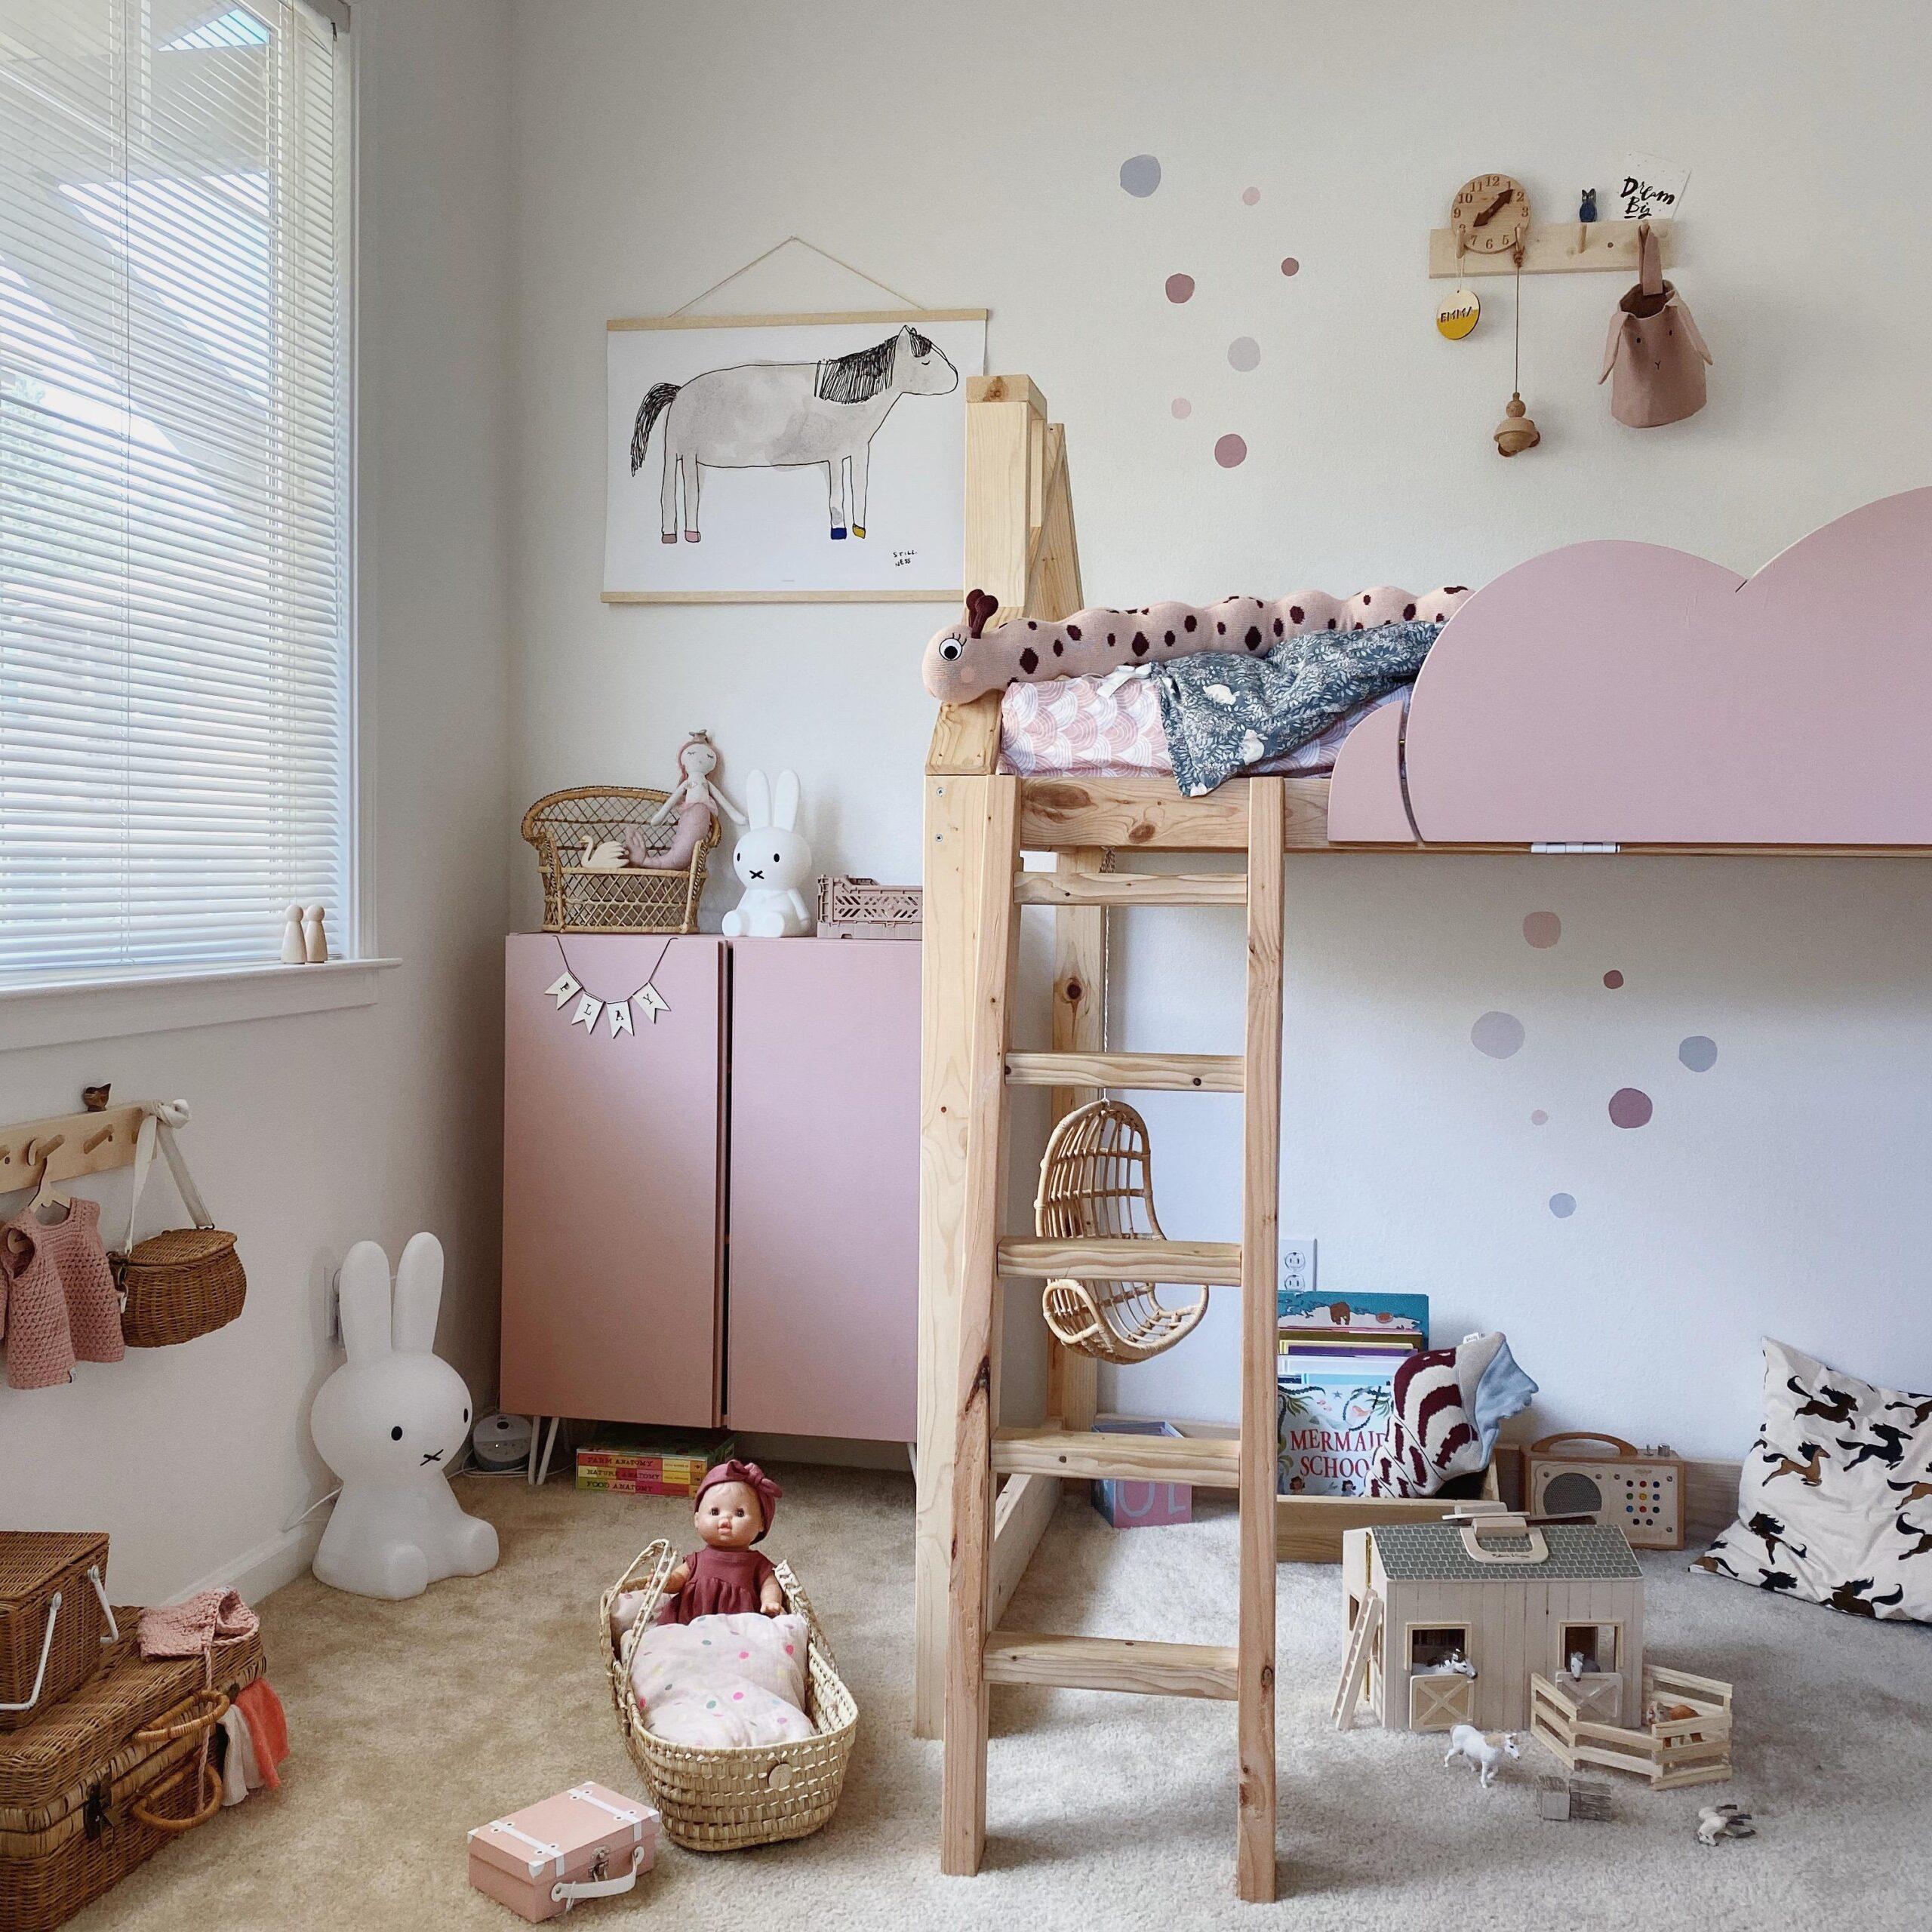 Full Size of Hochbetten Kinderzimmer Platzsparend Und Trotzdem Schn Sofa Regal Weiß Regale Kinderzimmer Hochbetten Kinderzimmer